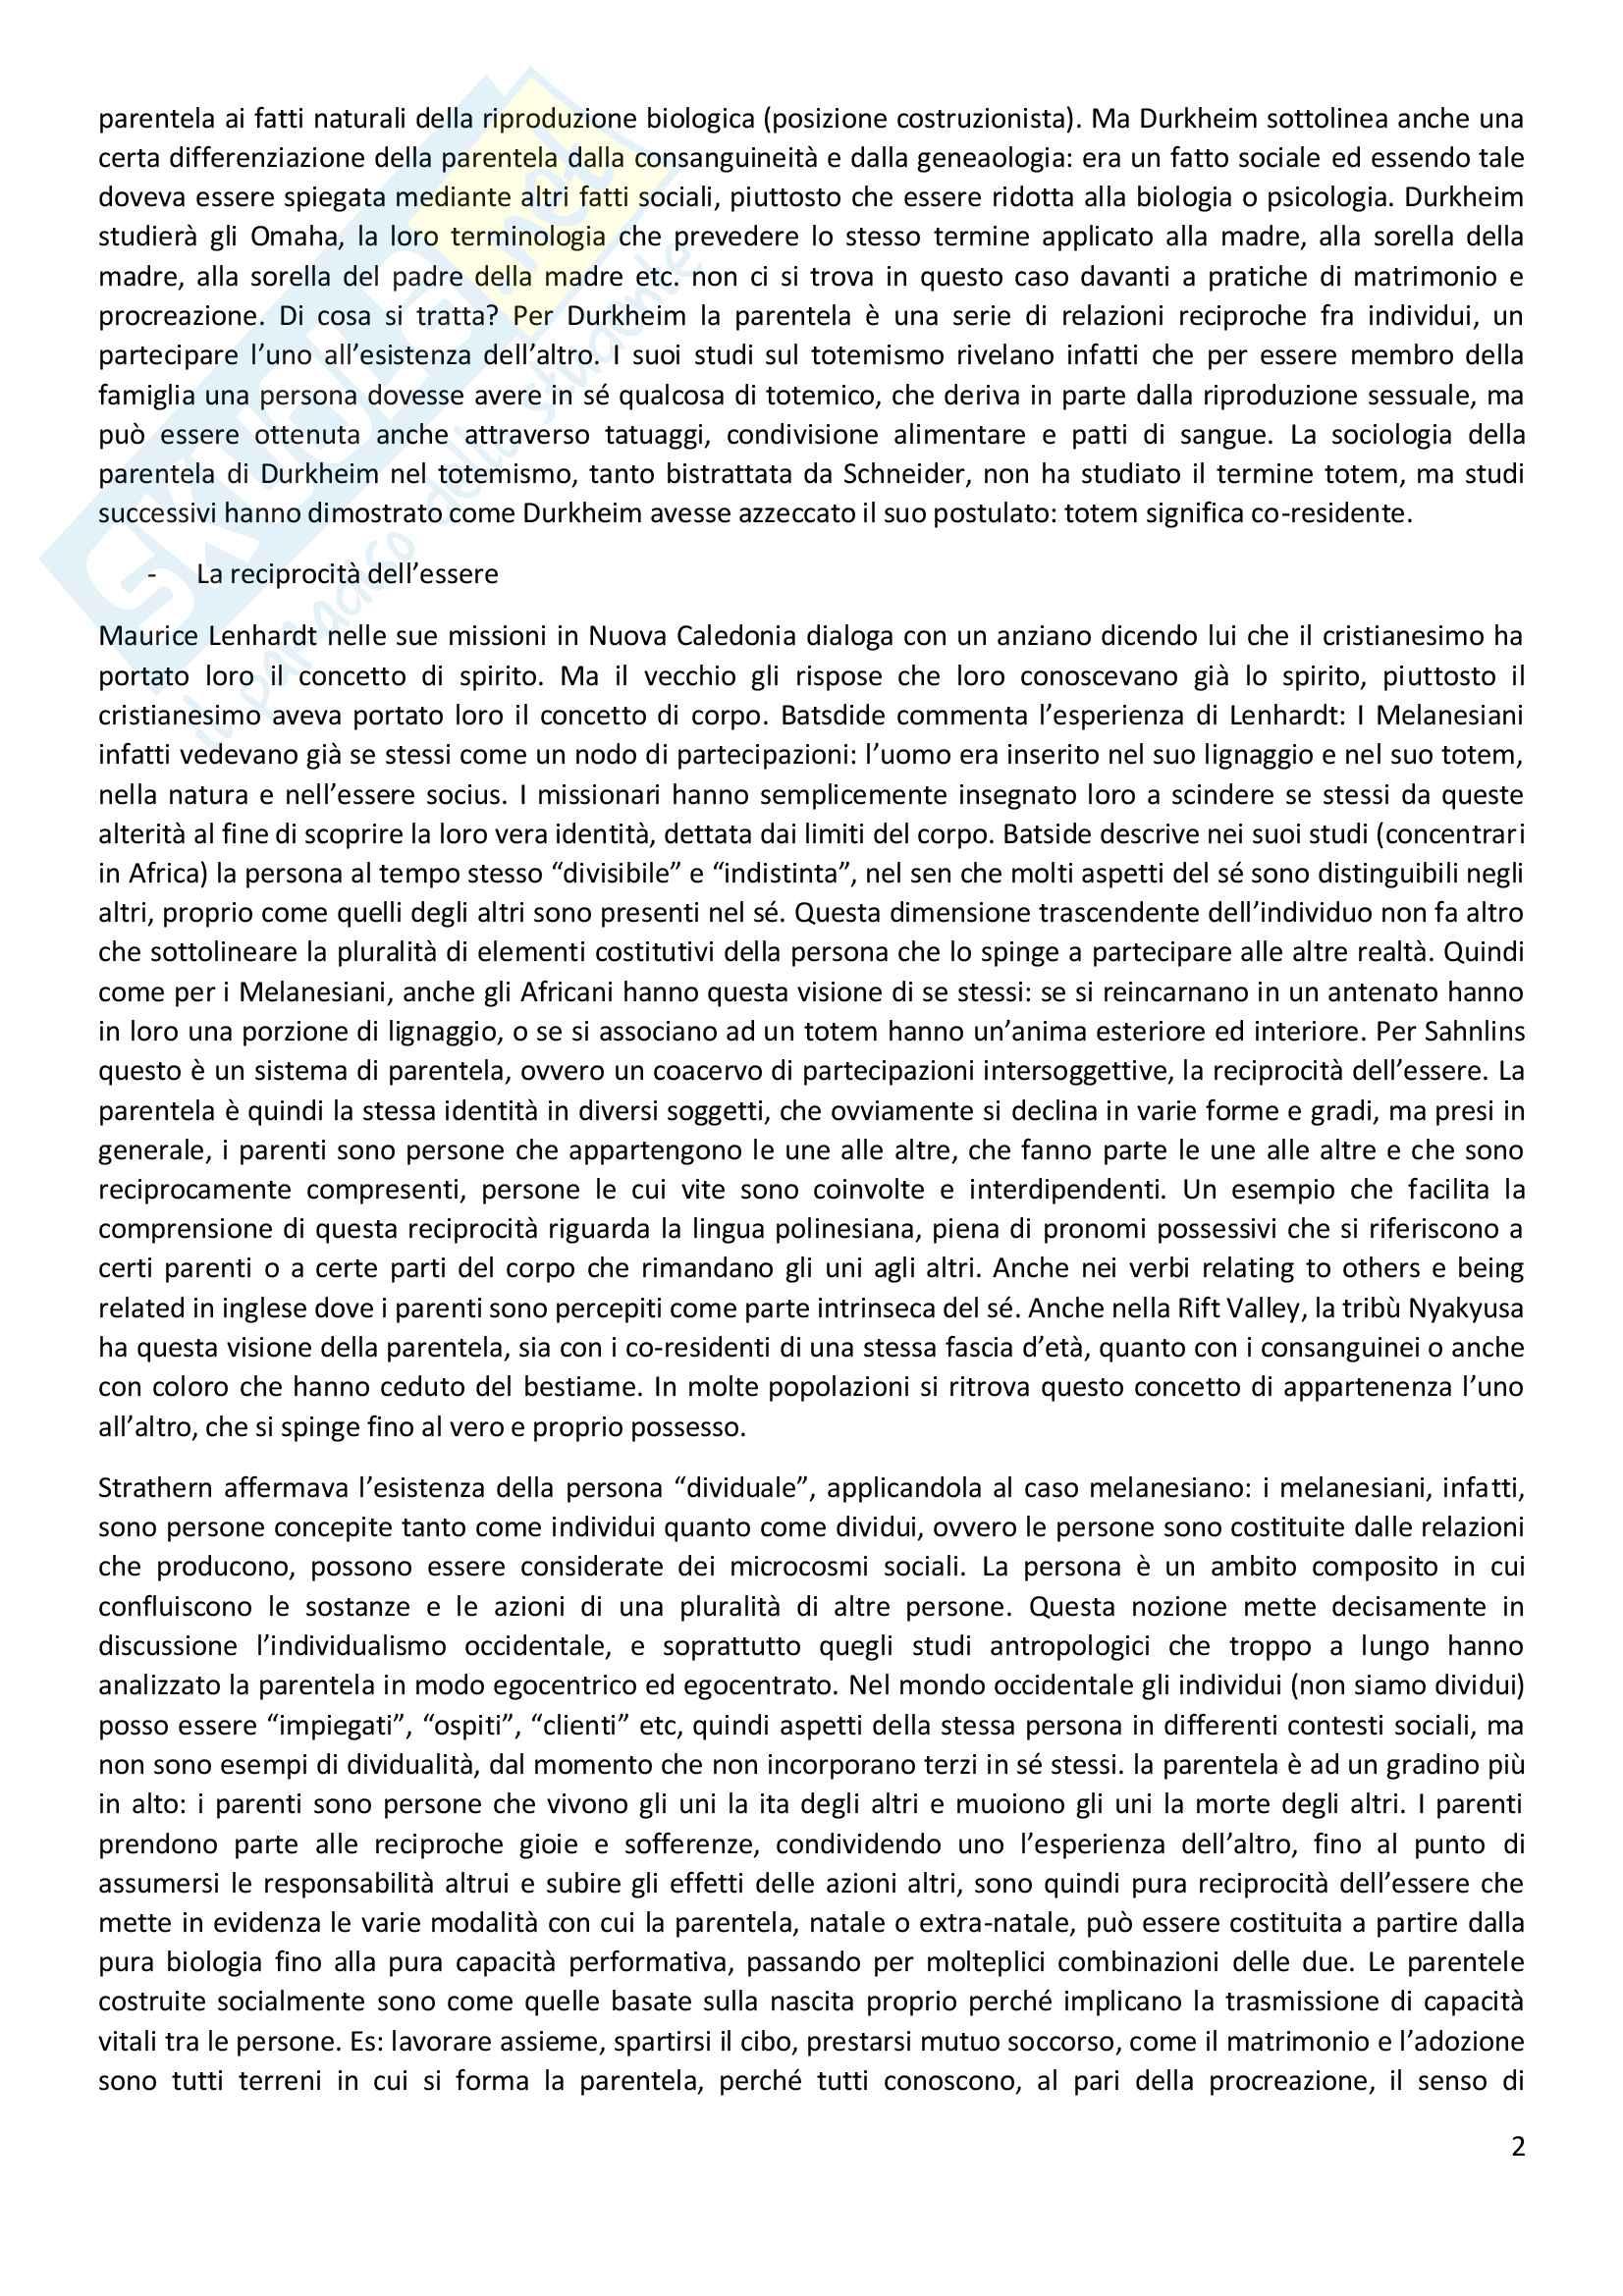 Riassunto esame Antropologia Sociale, docente Viazzo, libro Consigliato La parentela: cos'è e cosa non è, Autore Marshall Sahnlins Pag. 2